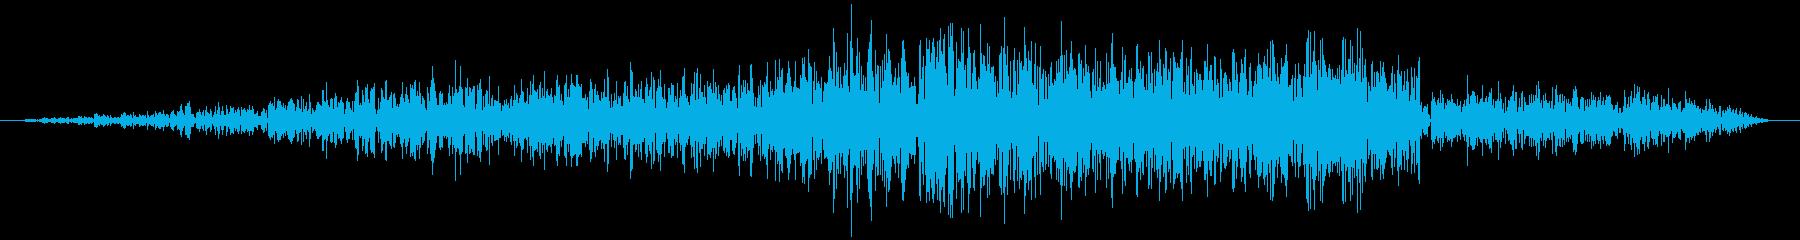 シュワ(モニター表示 フォルダ開く)の再生済みの波形